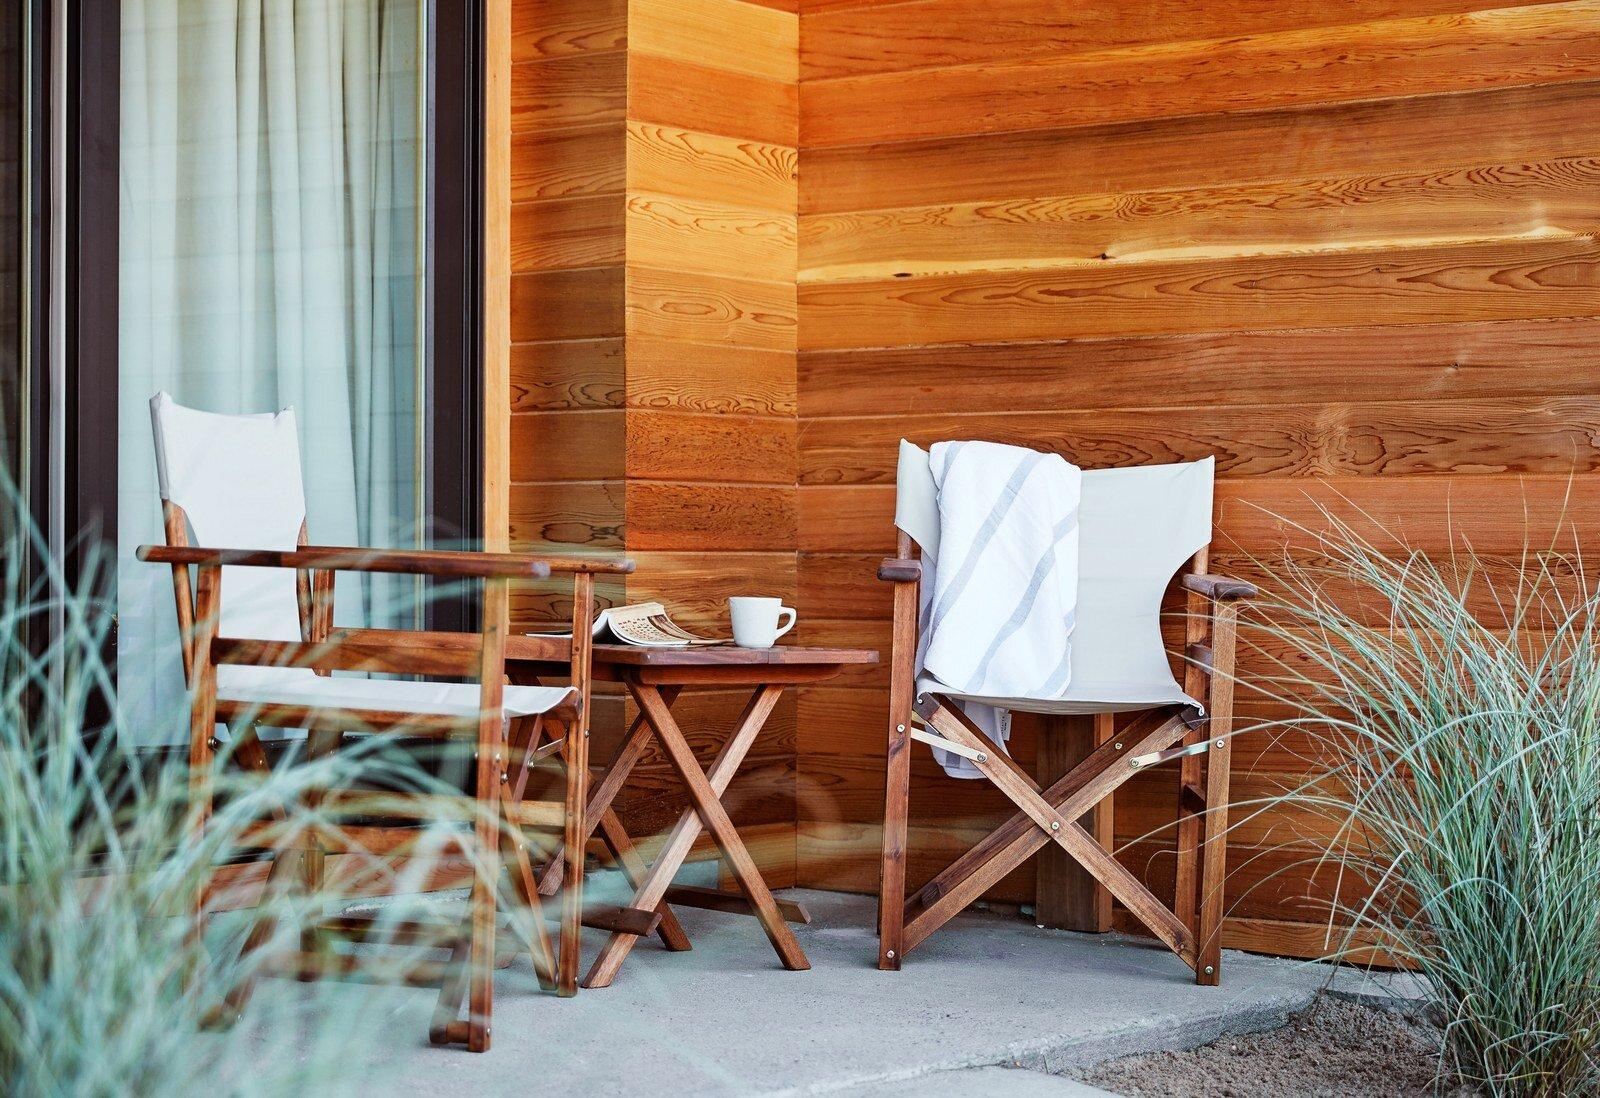 03-montauk-hotel.jpg